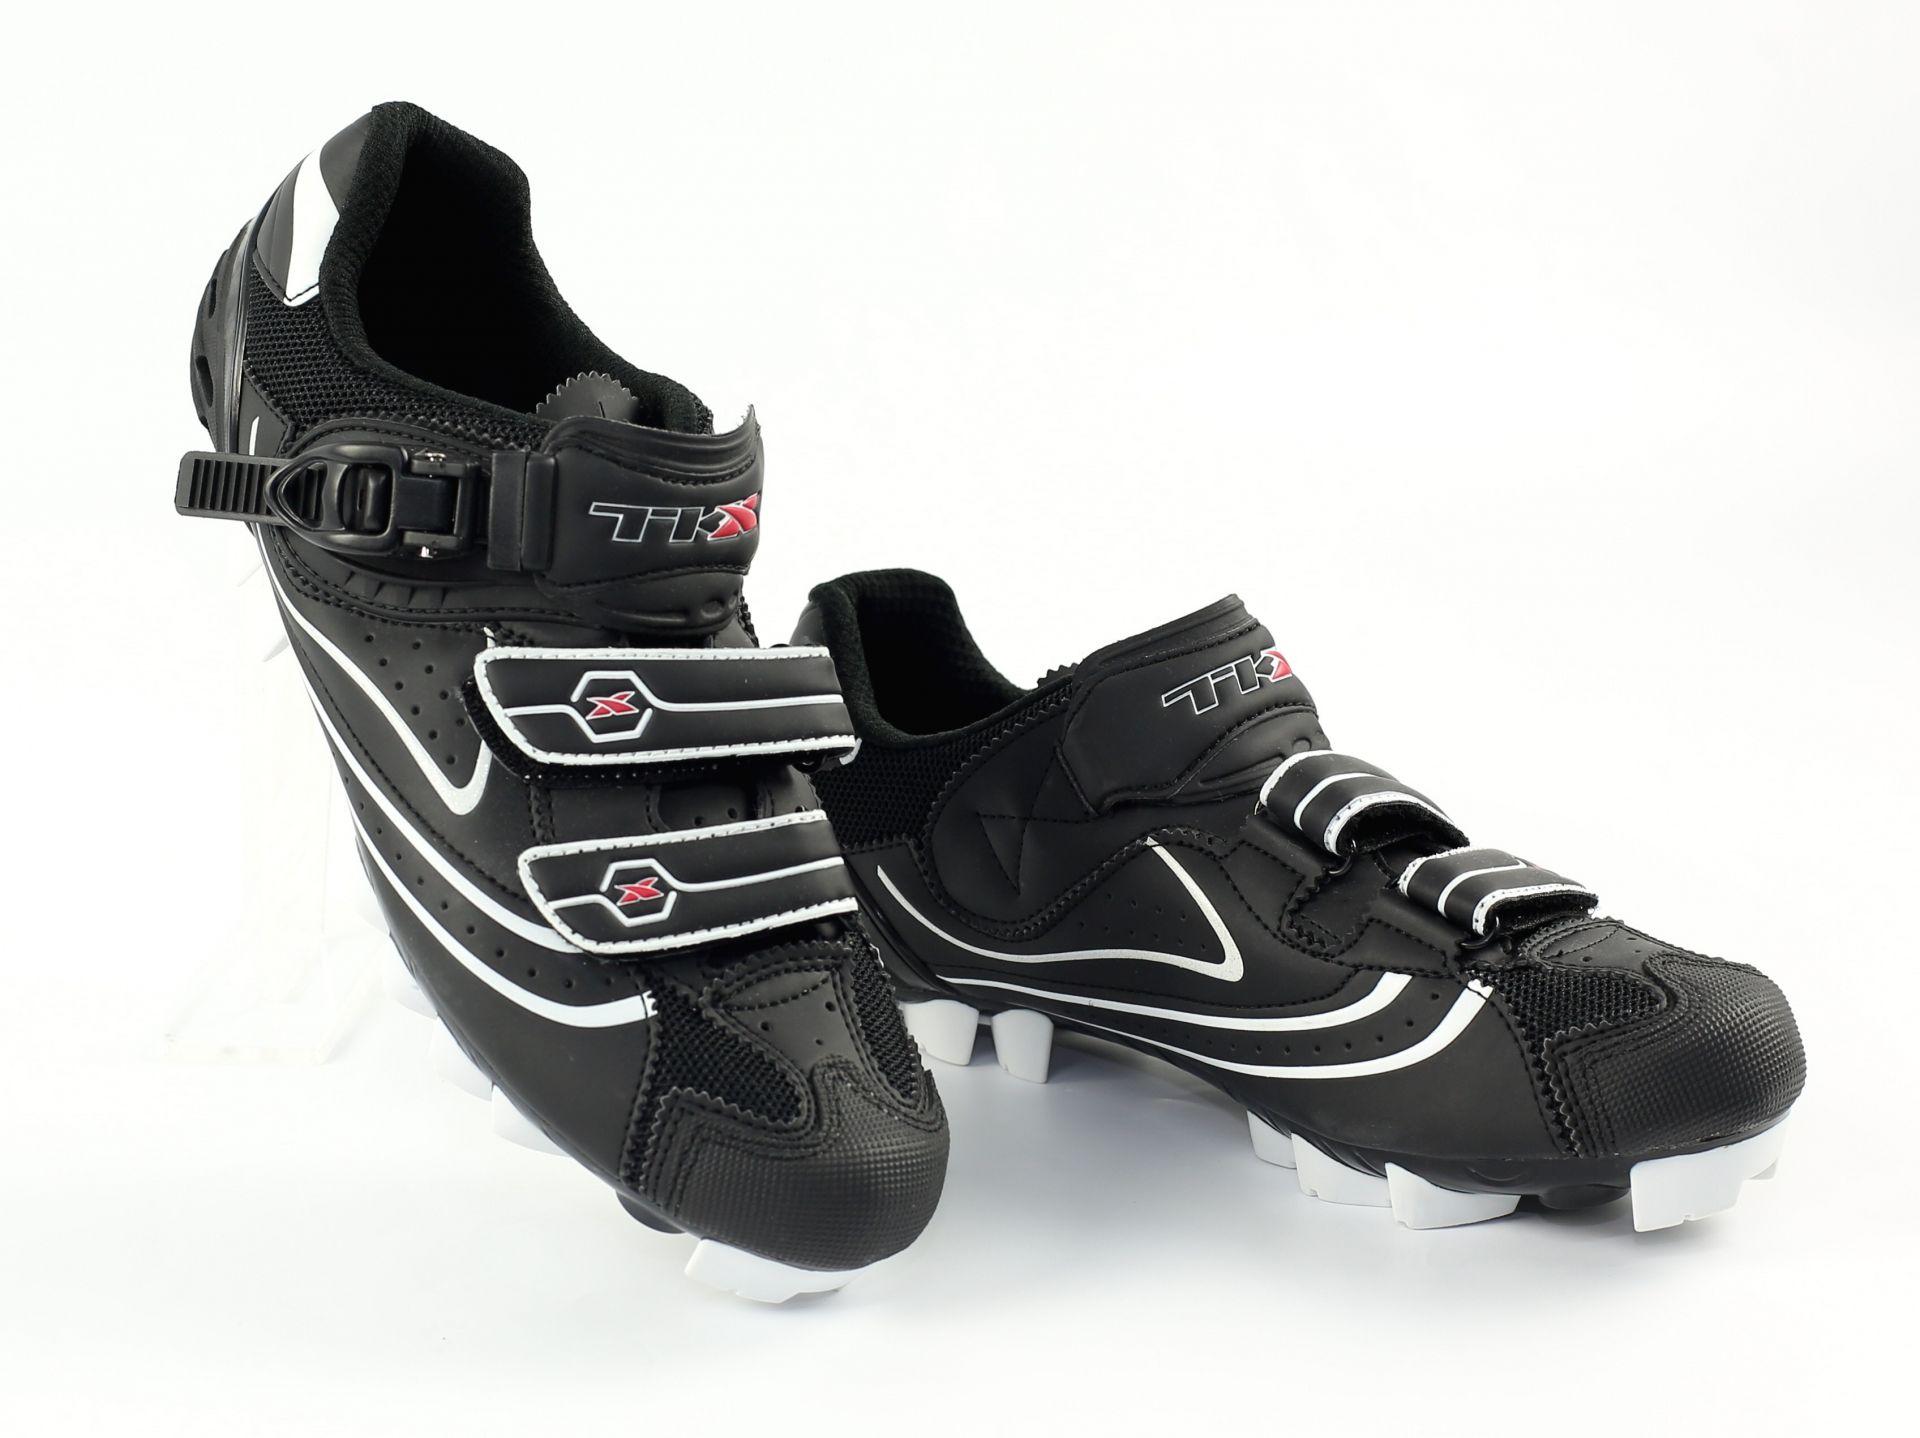 Chaussures VTT TKX Noir - 43